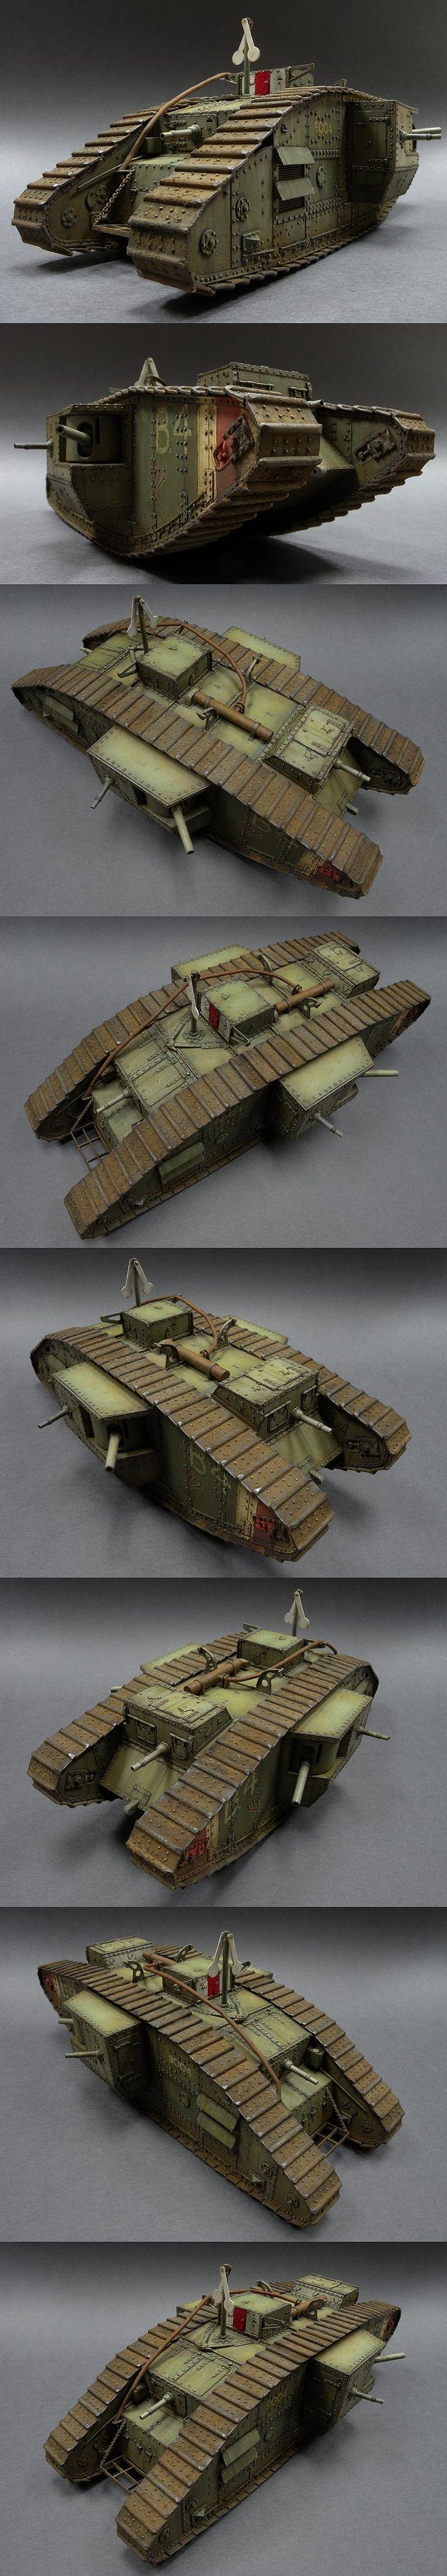 Mk. V Hermaphrodite 1/35 Scale Model